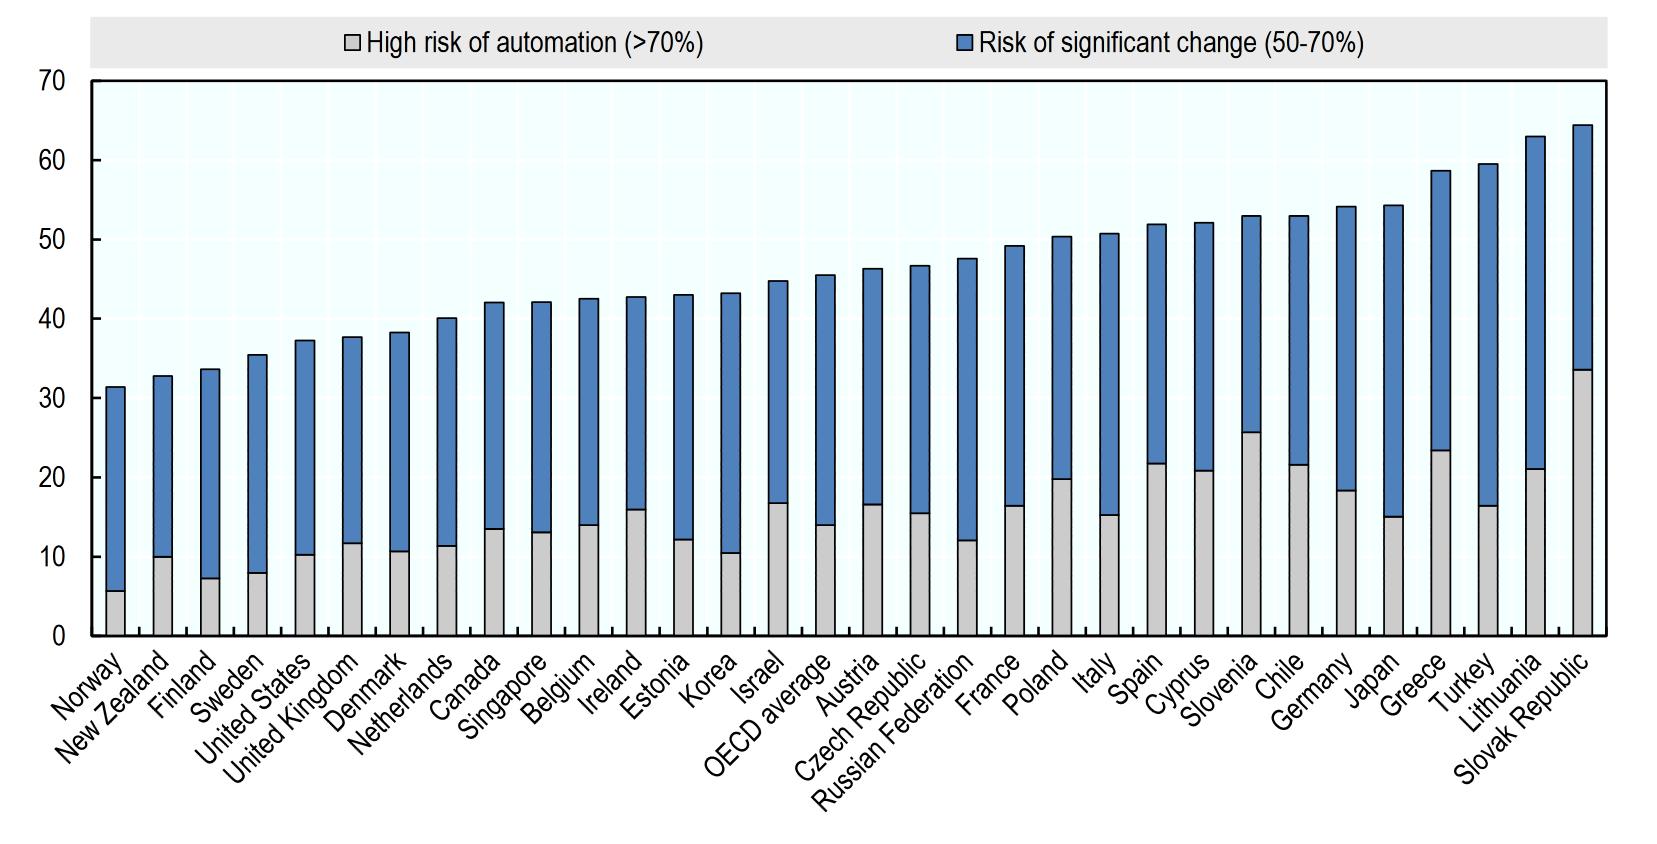 Odsetek zawodów zagrożonych przezautomatyzację - źródło OECD